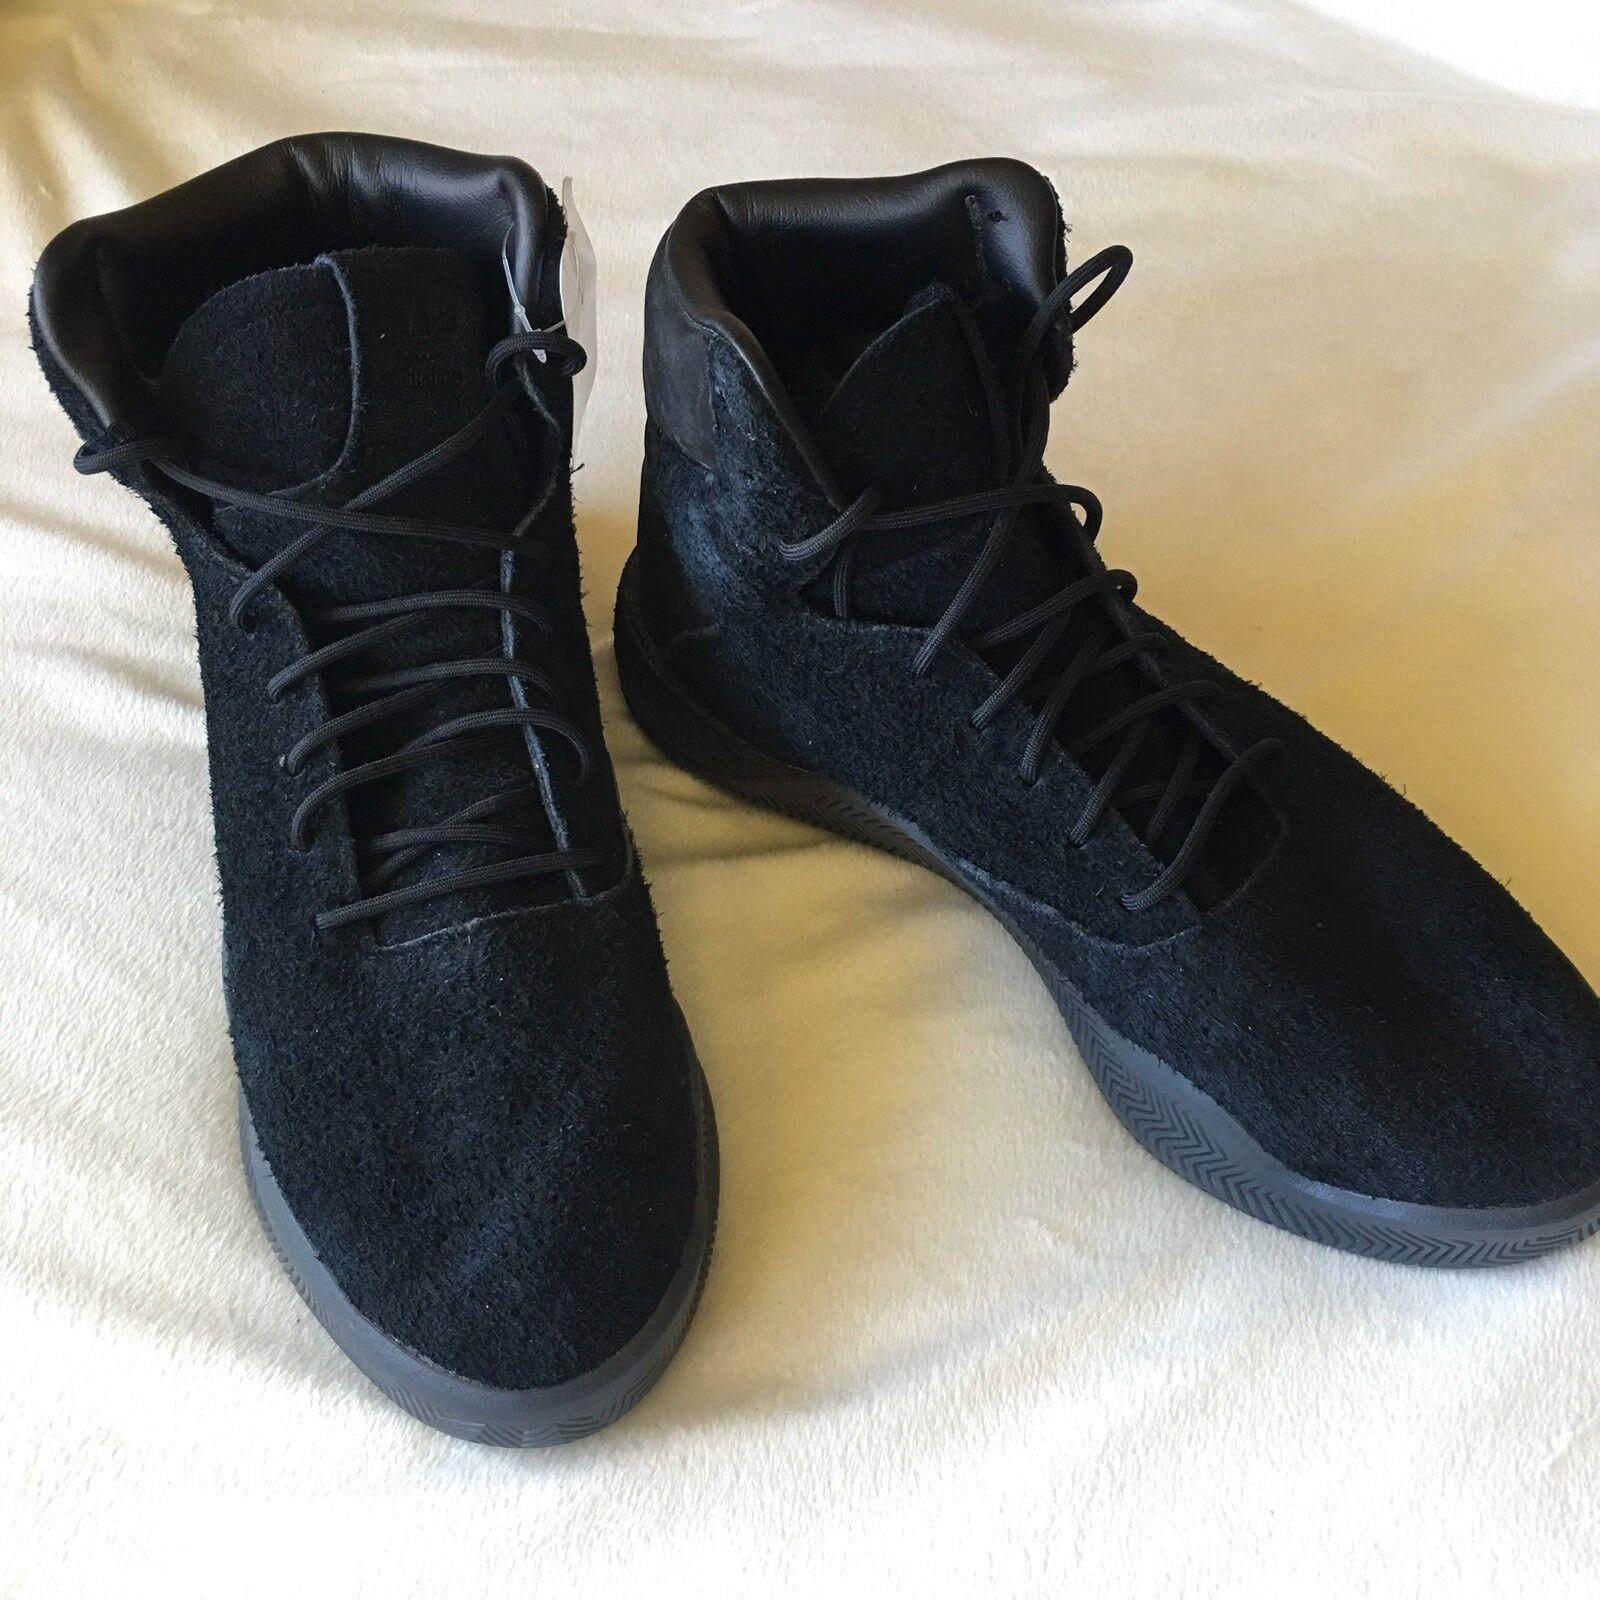 Adidas graue tubuläre instinkt durch schwarze graue Adidas turnschuhe größe 9,5 bb8931 f836c2